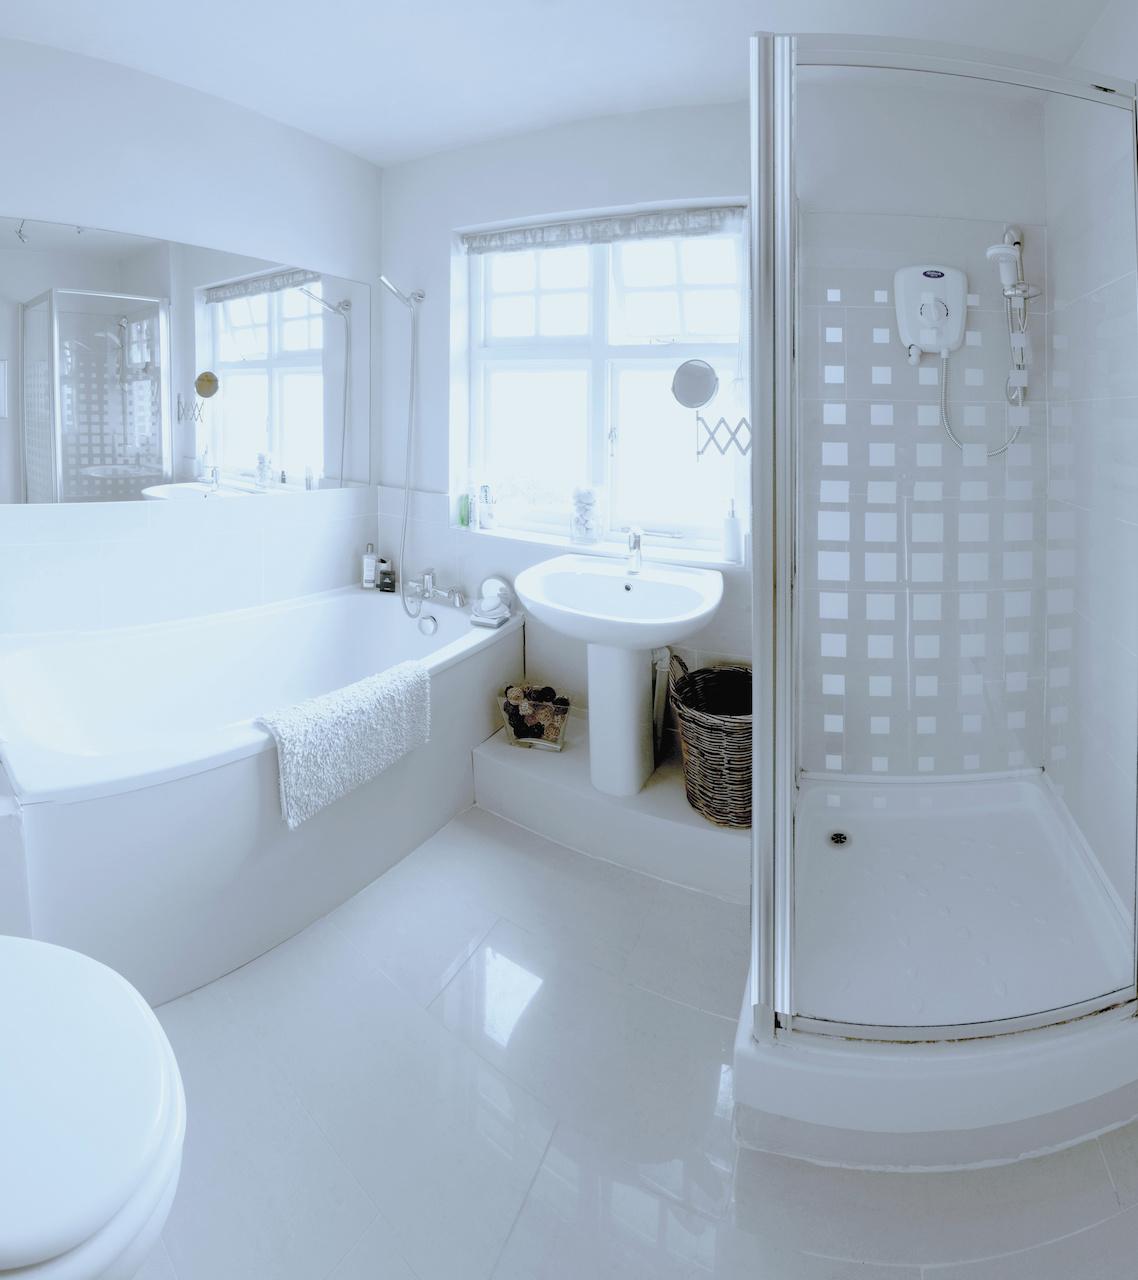 How to Tell When You Need New Bathroom Plumbing | Armbrust Plumbing Inc